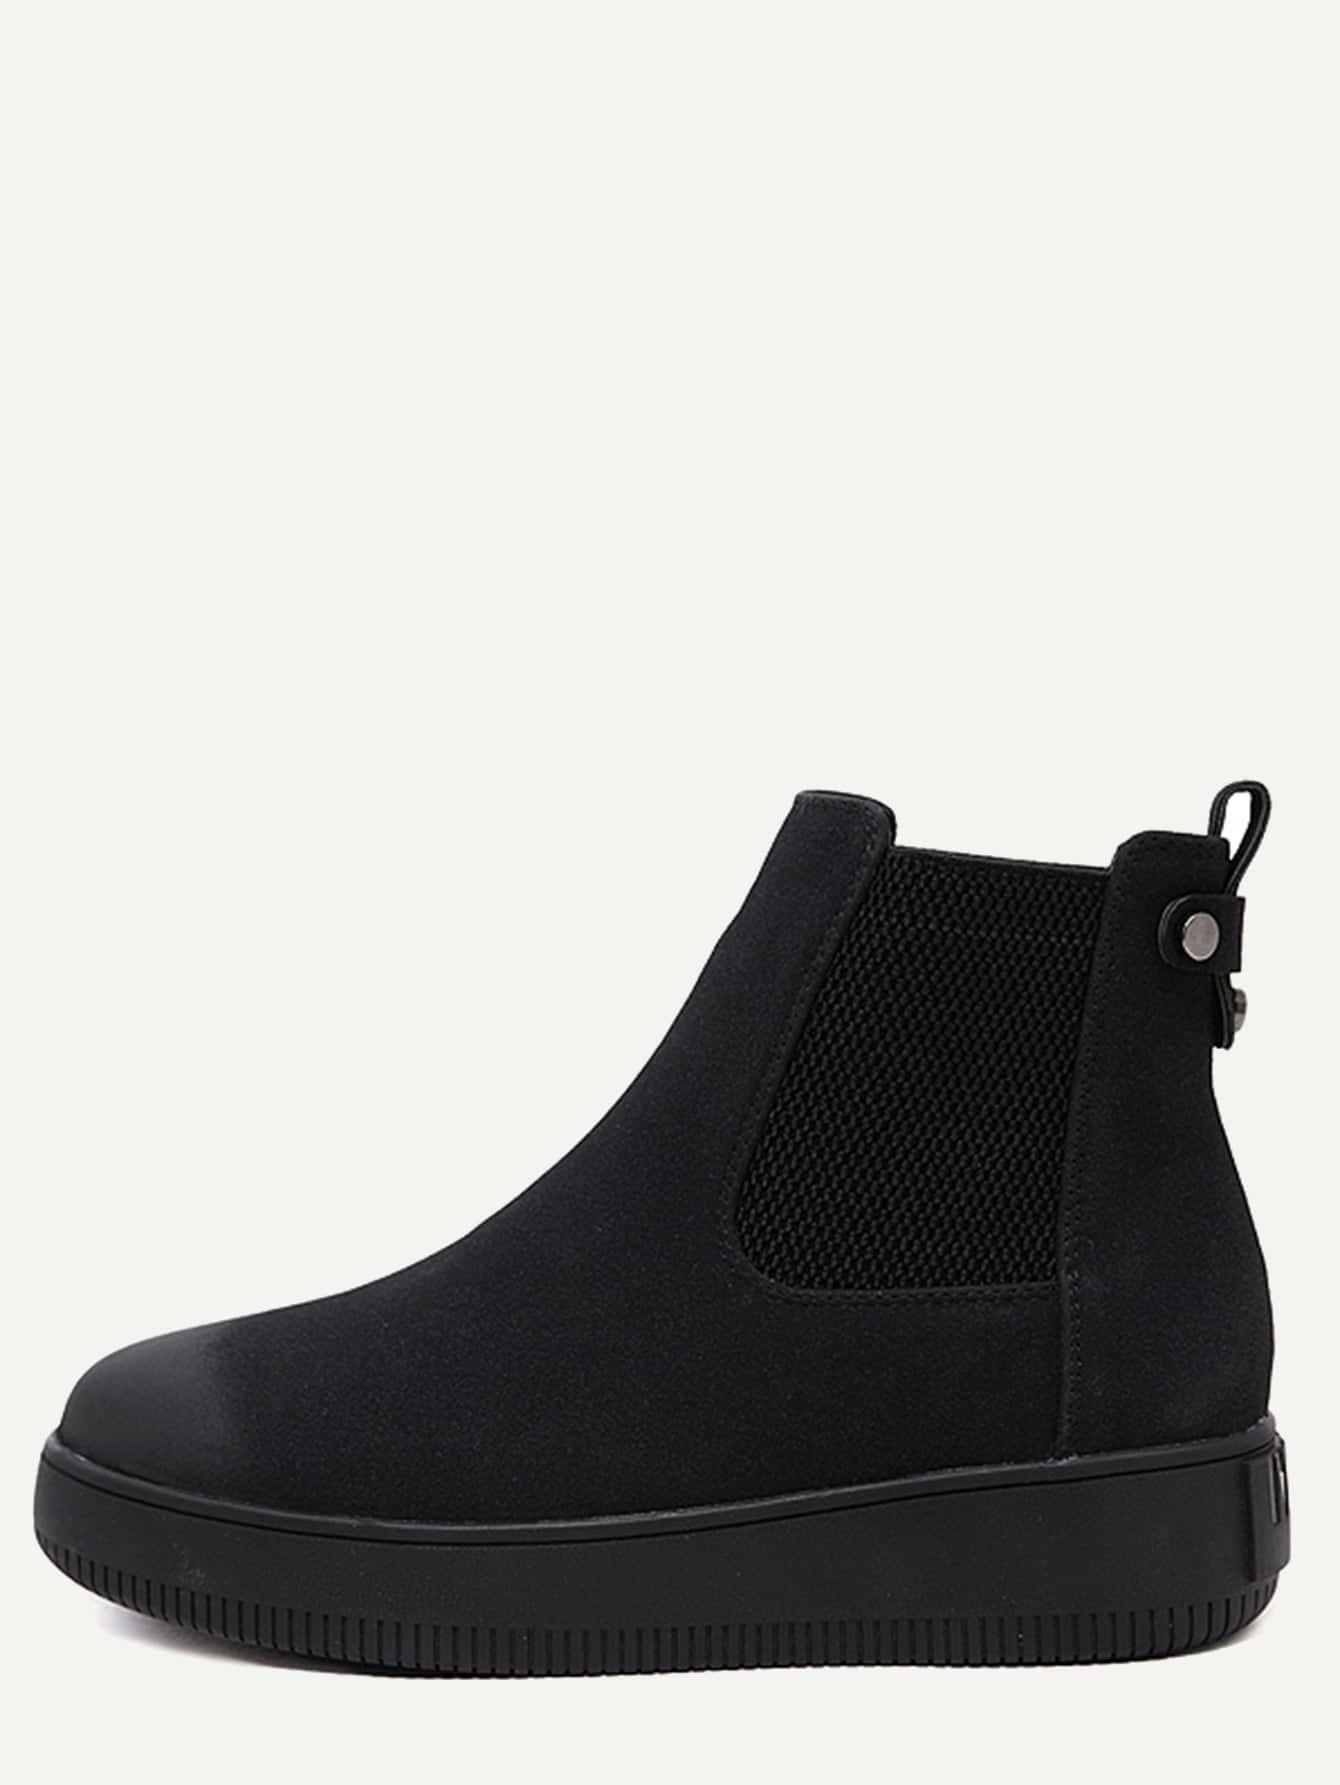 shoes160923810_2